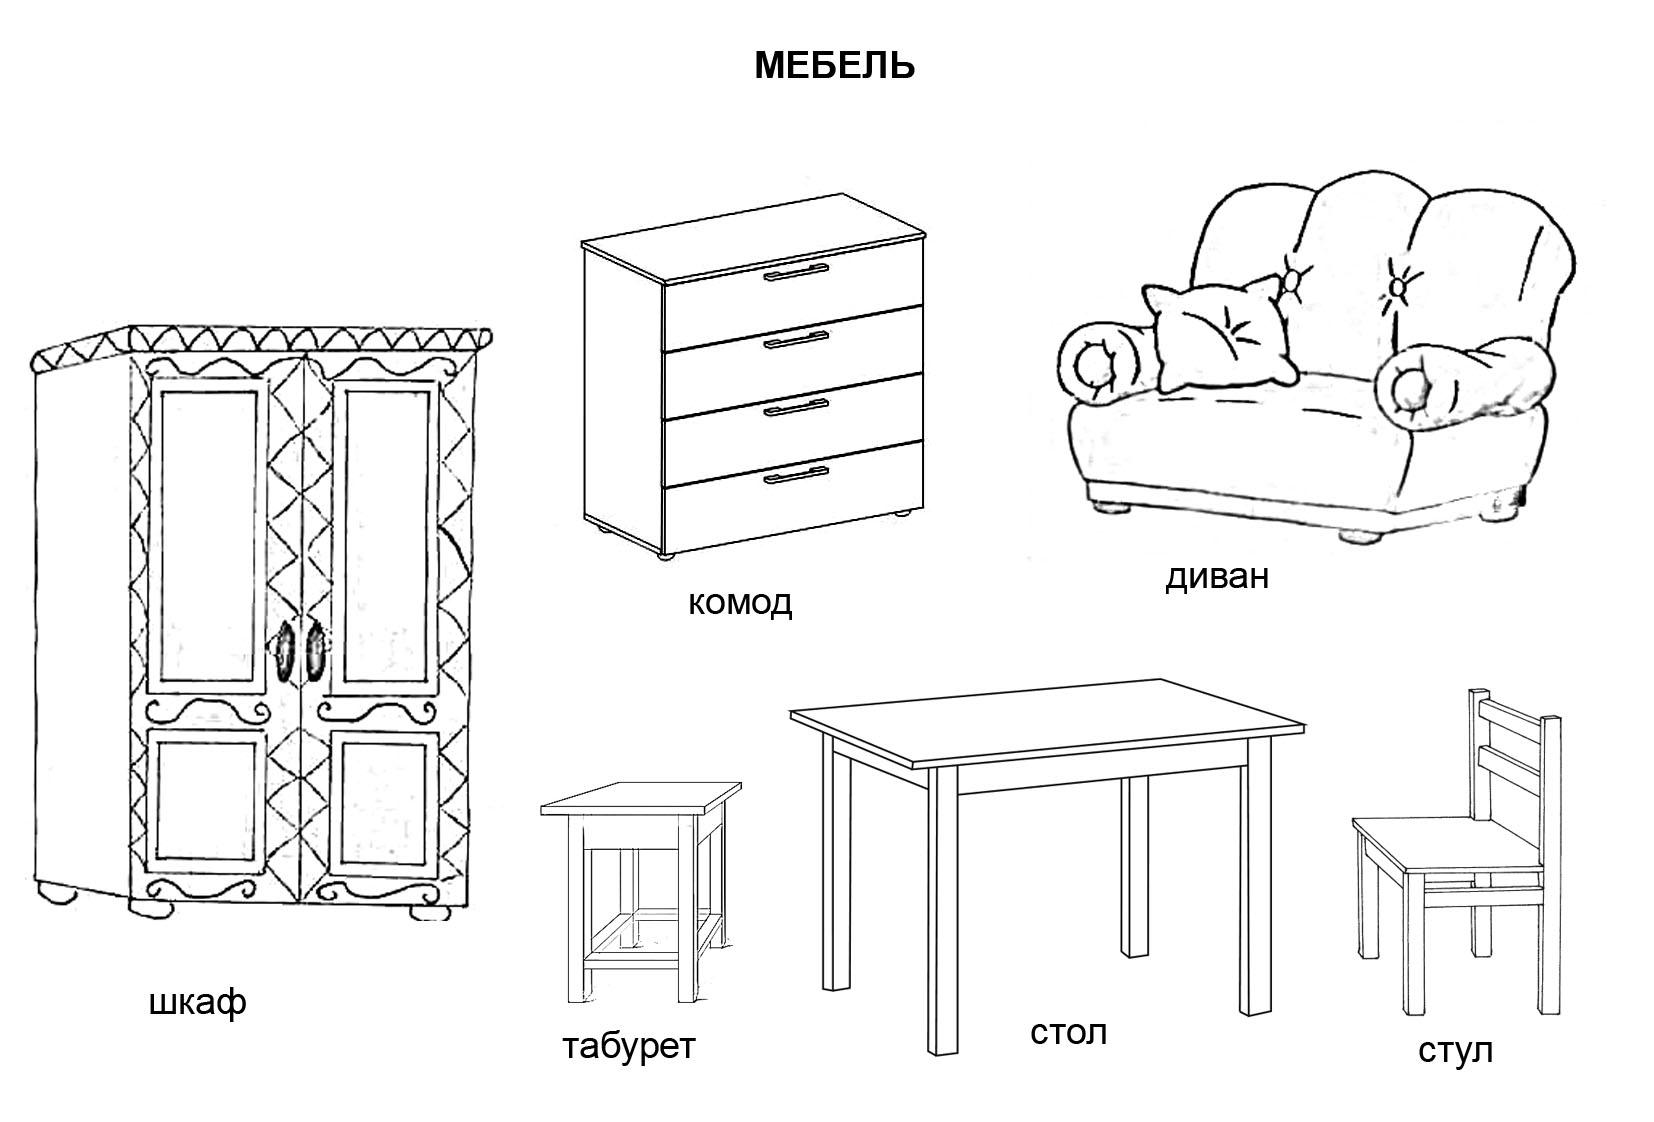 Раскраски мебель - 5